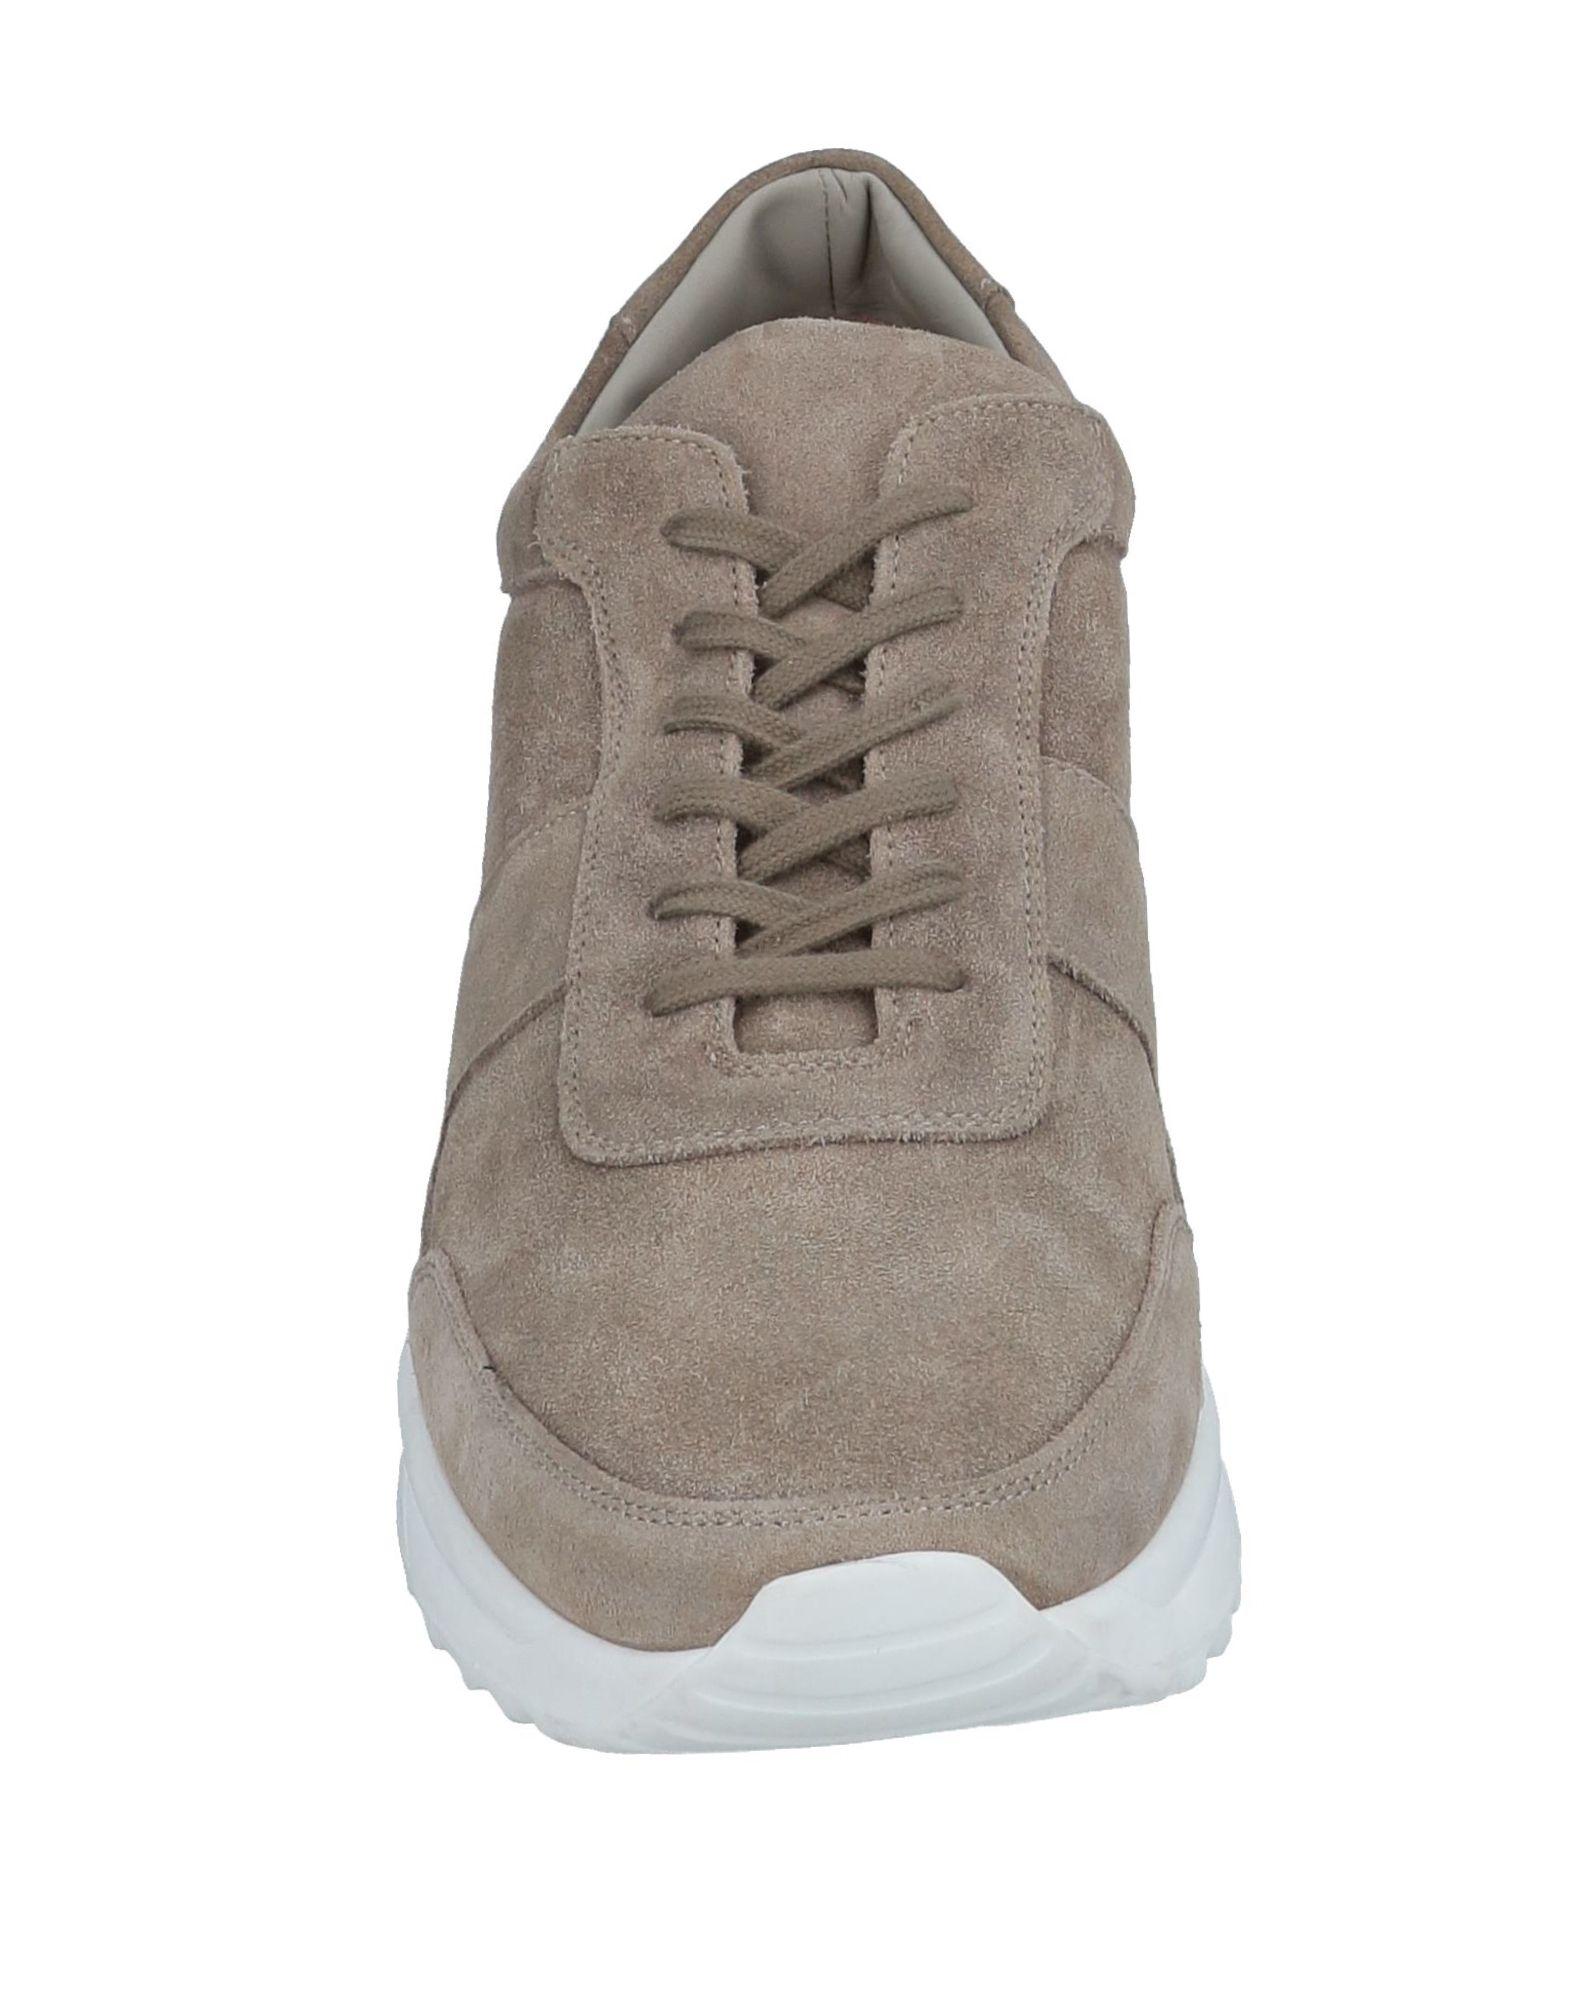 Common Projects Sneakers Herren beliebte  11558403AK Gute Qualität beliebte Herren Schuhe 8566bd